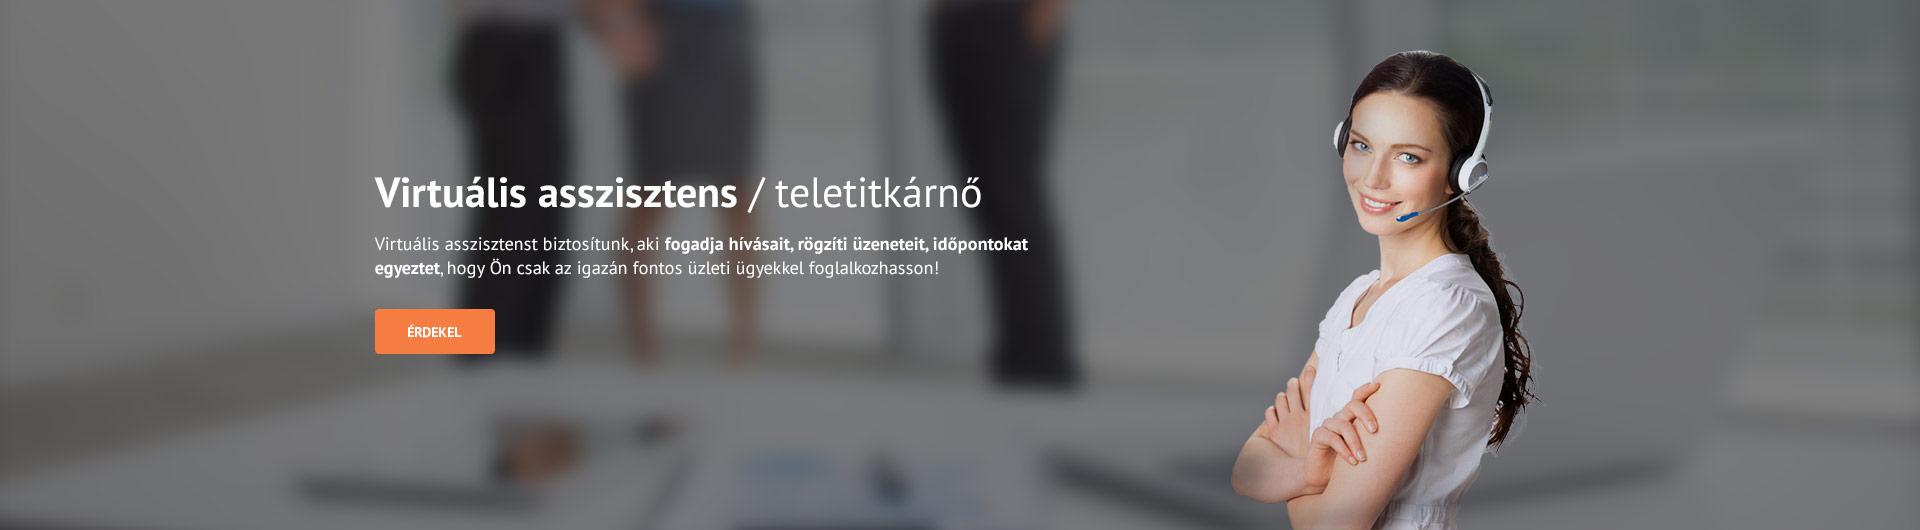 Virtuális asszisztens / teletitkárnő